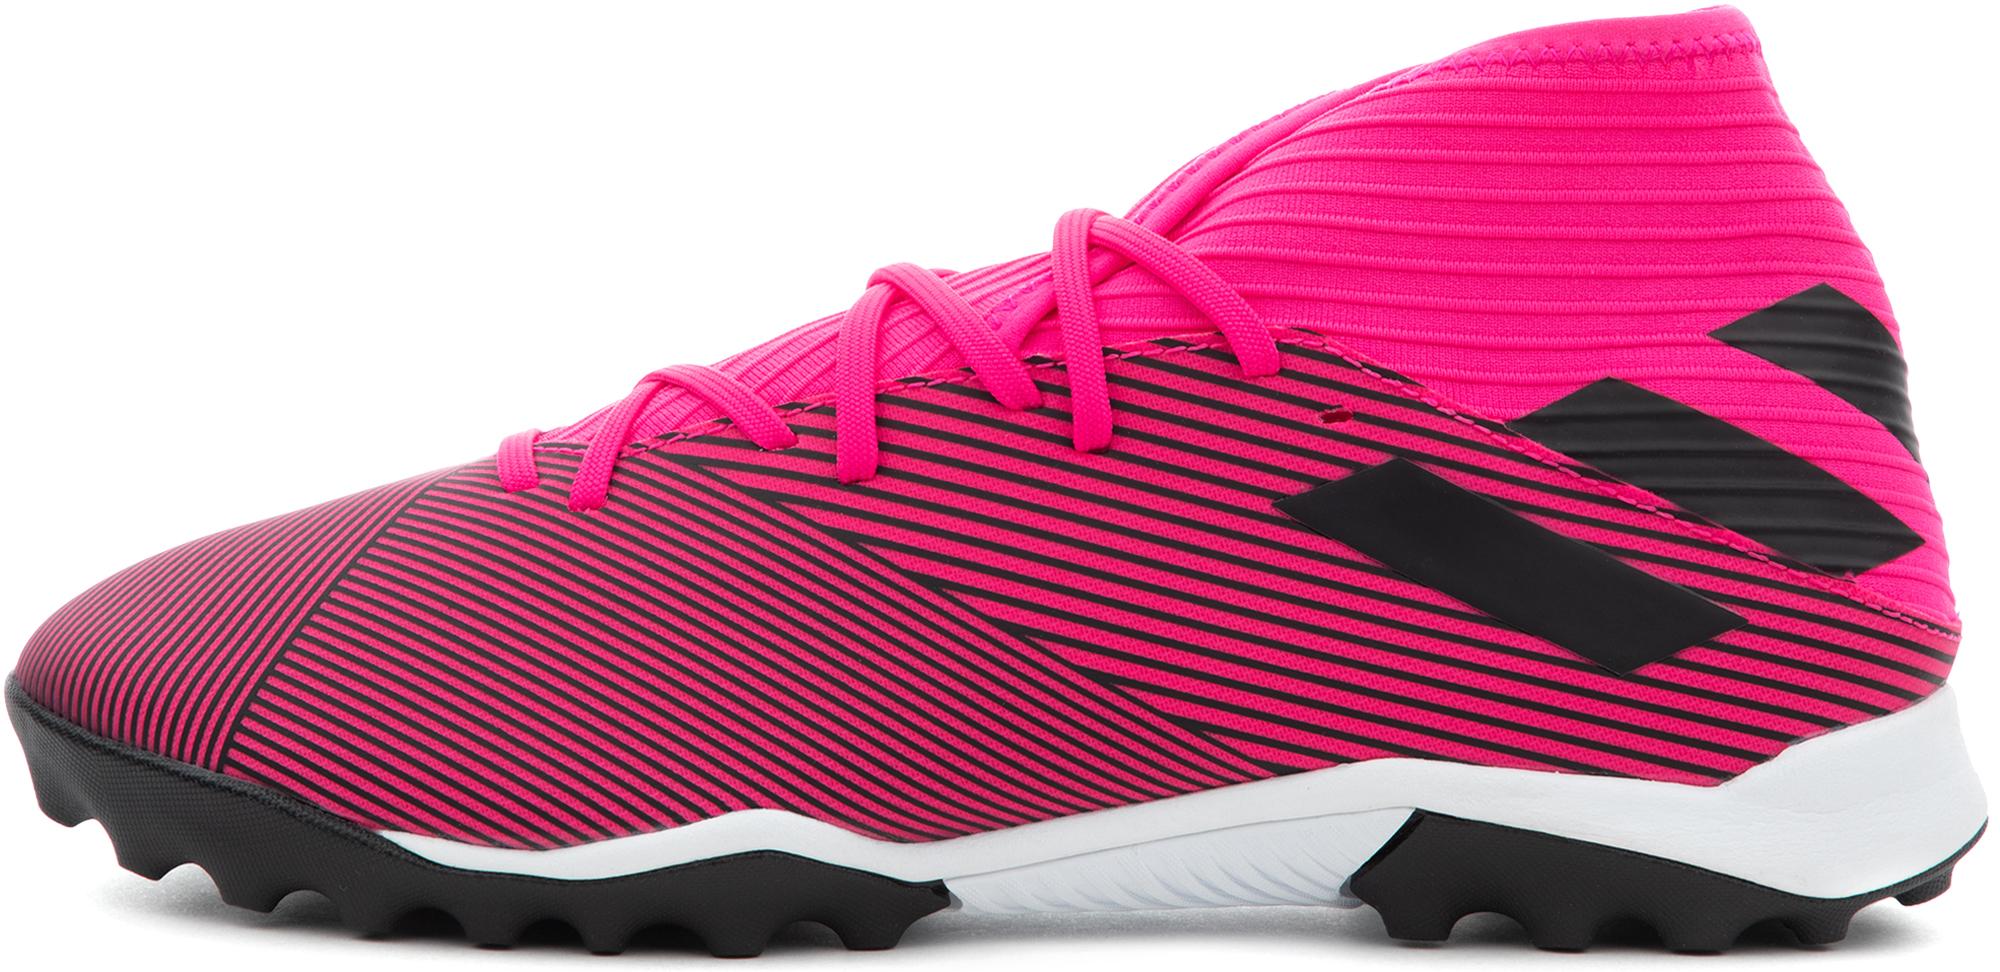 Adidas Бутсы мужские Nemeziz 19.3 TF, размер 45